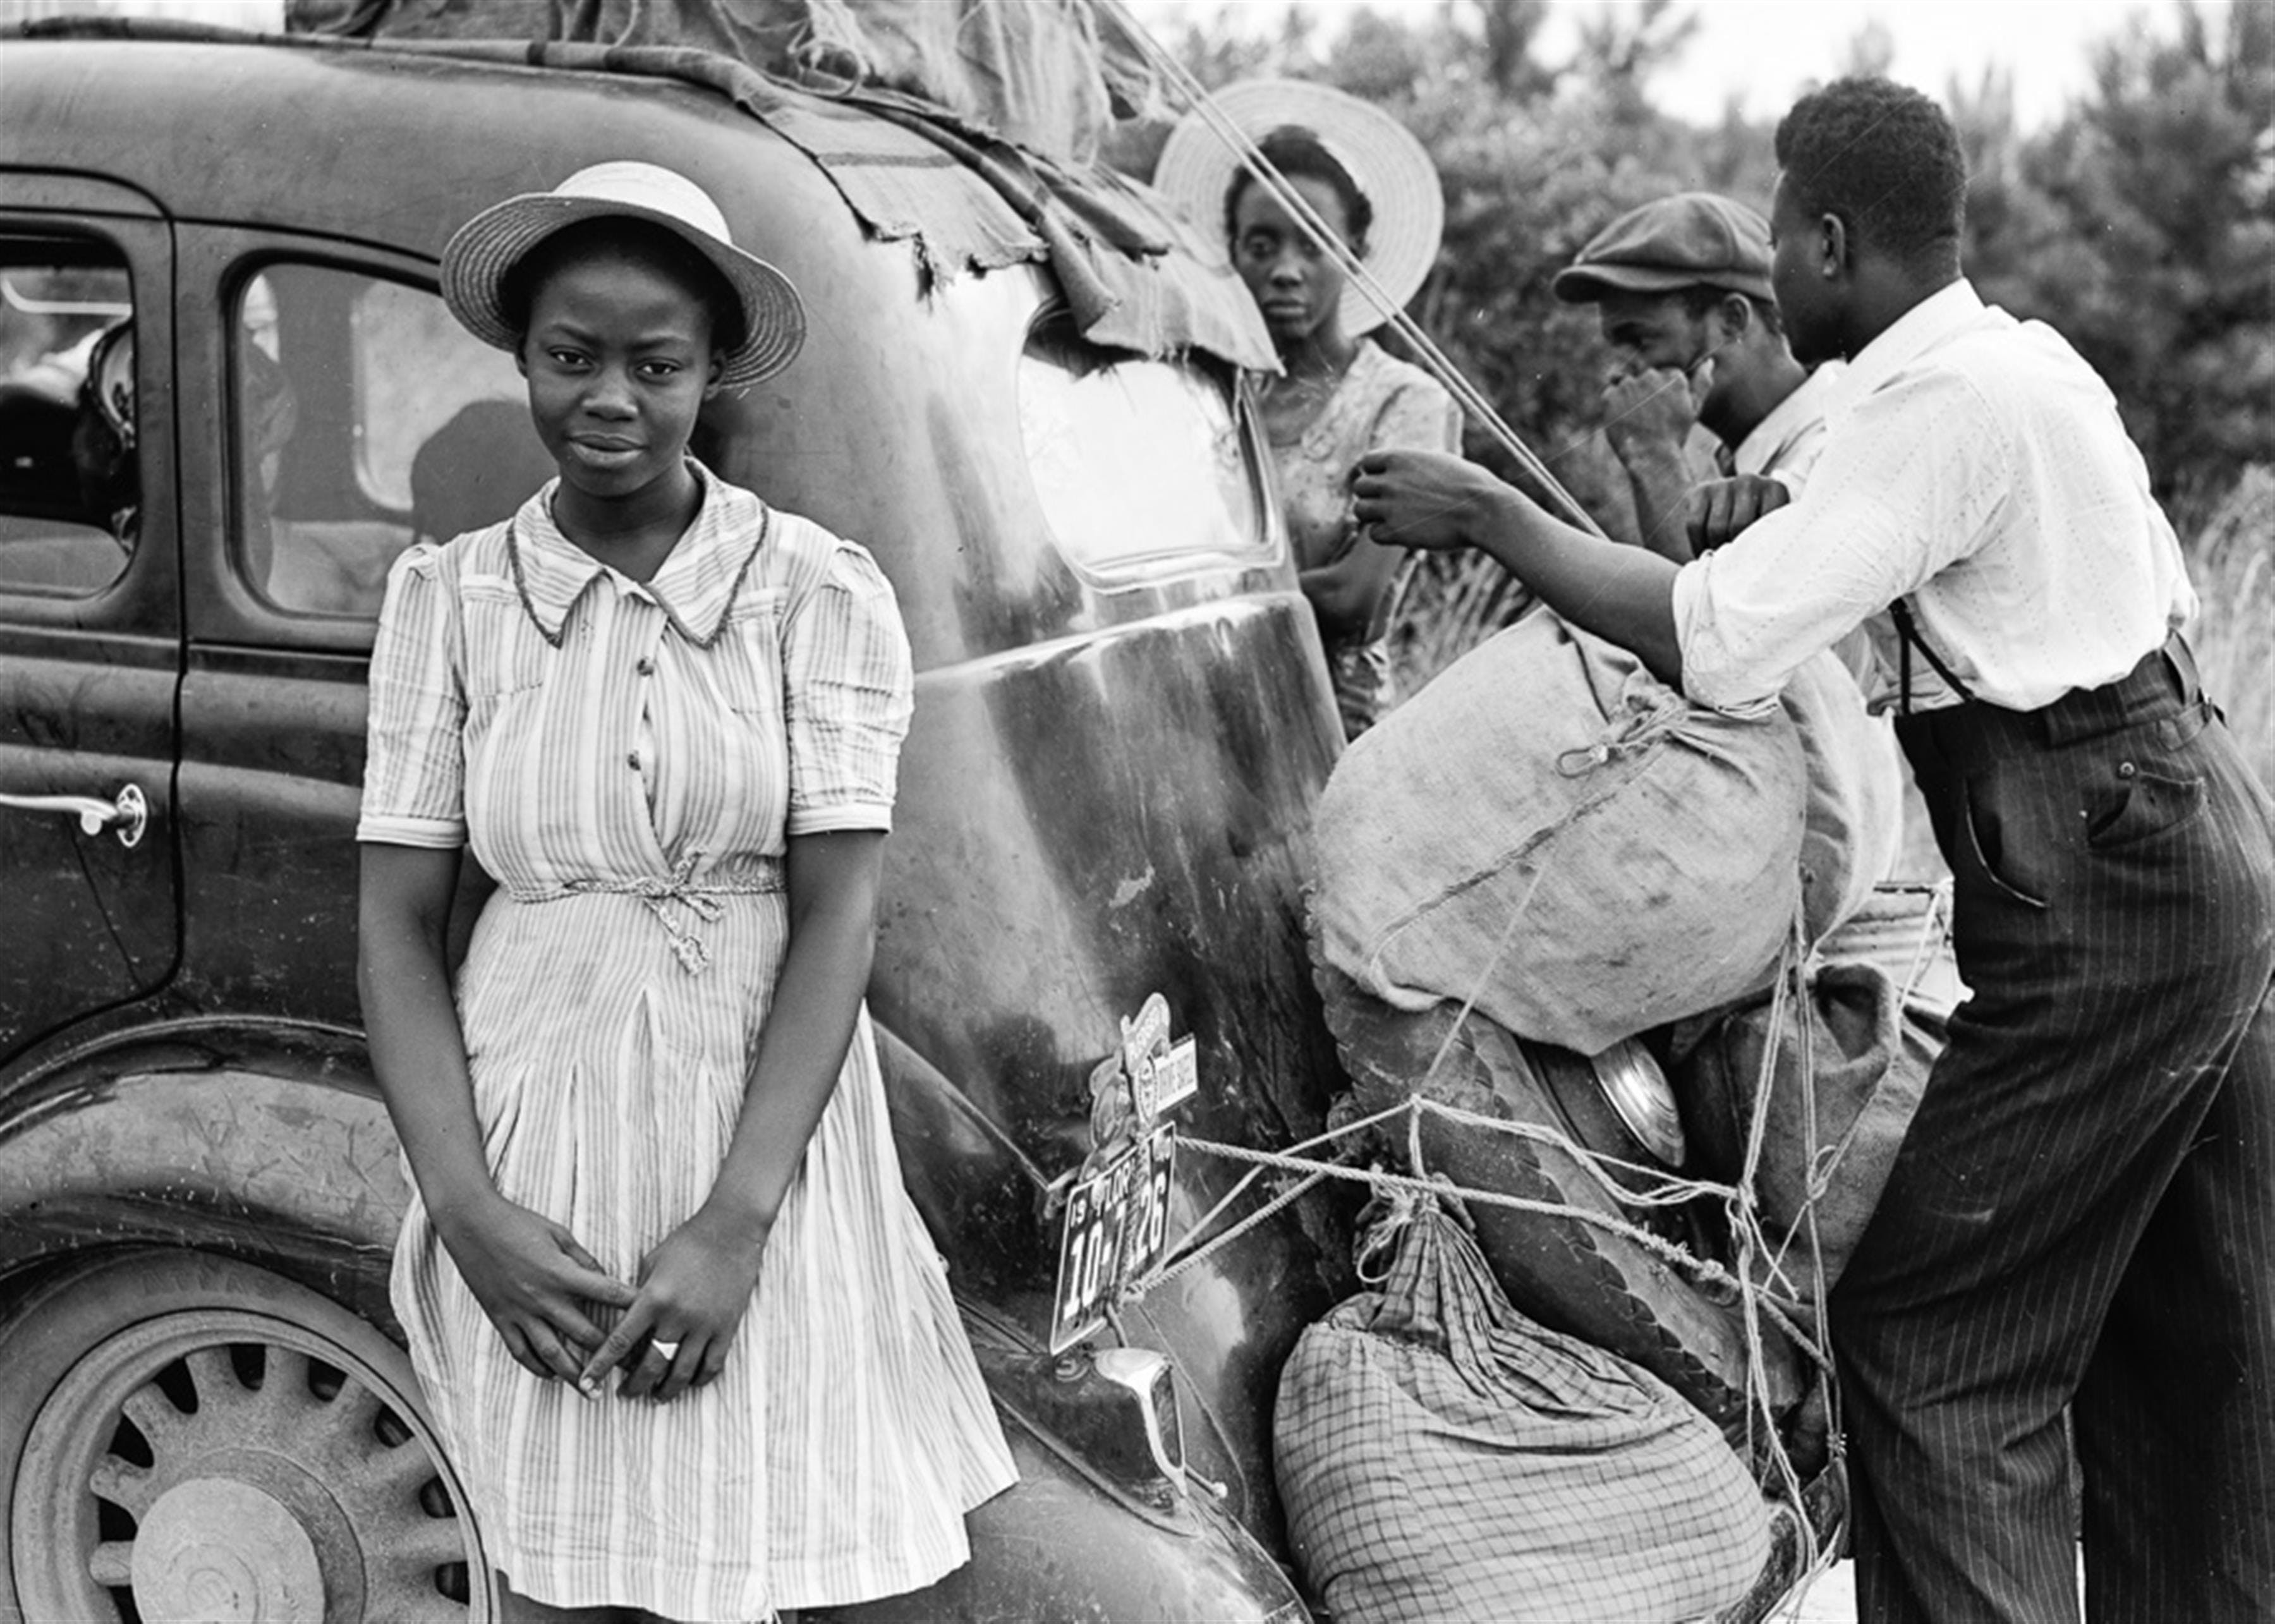 Woman in White Pinstripe Dress Near Black Vintage Car